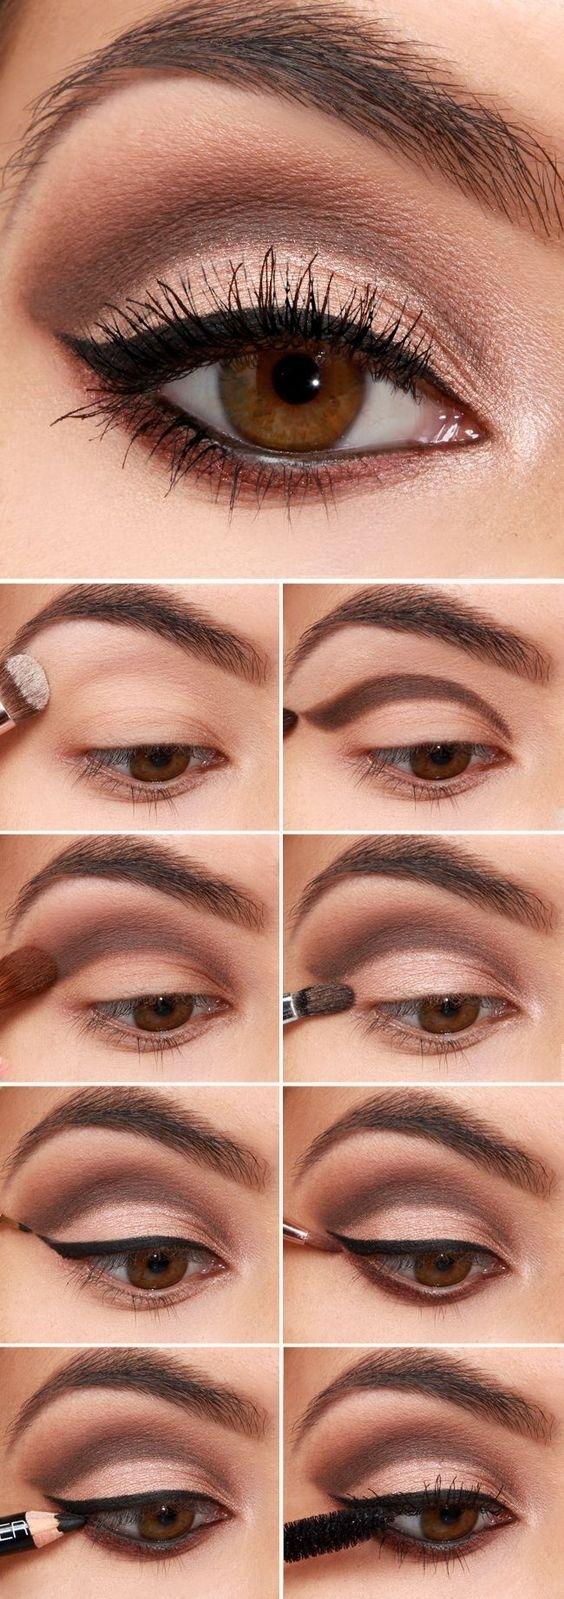 Step By Step Eyeshadow Tutorials | Nägel | Pinterest | Makeup, Eye in Makeup Ideas For Brown Eyes Step By Step